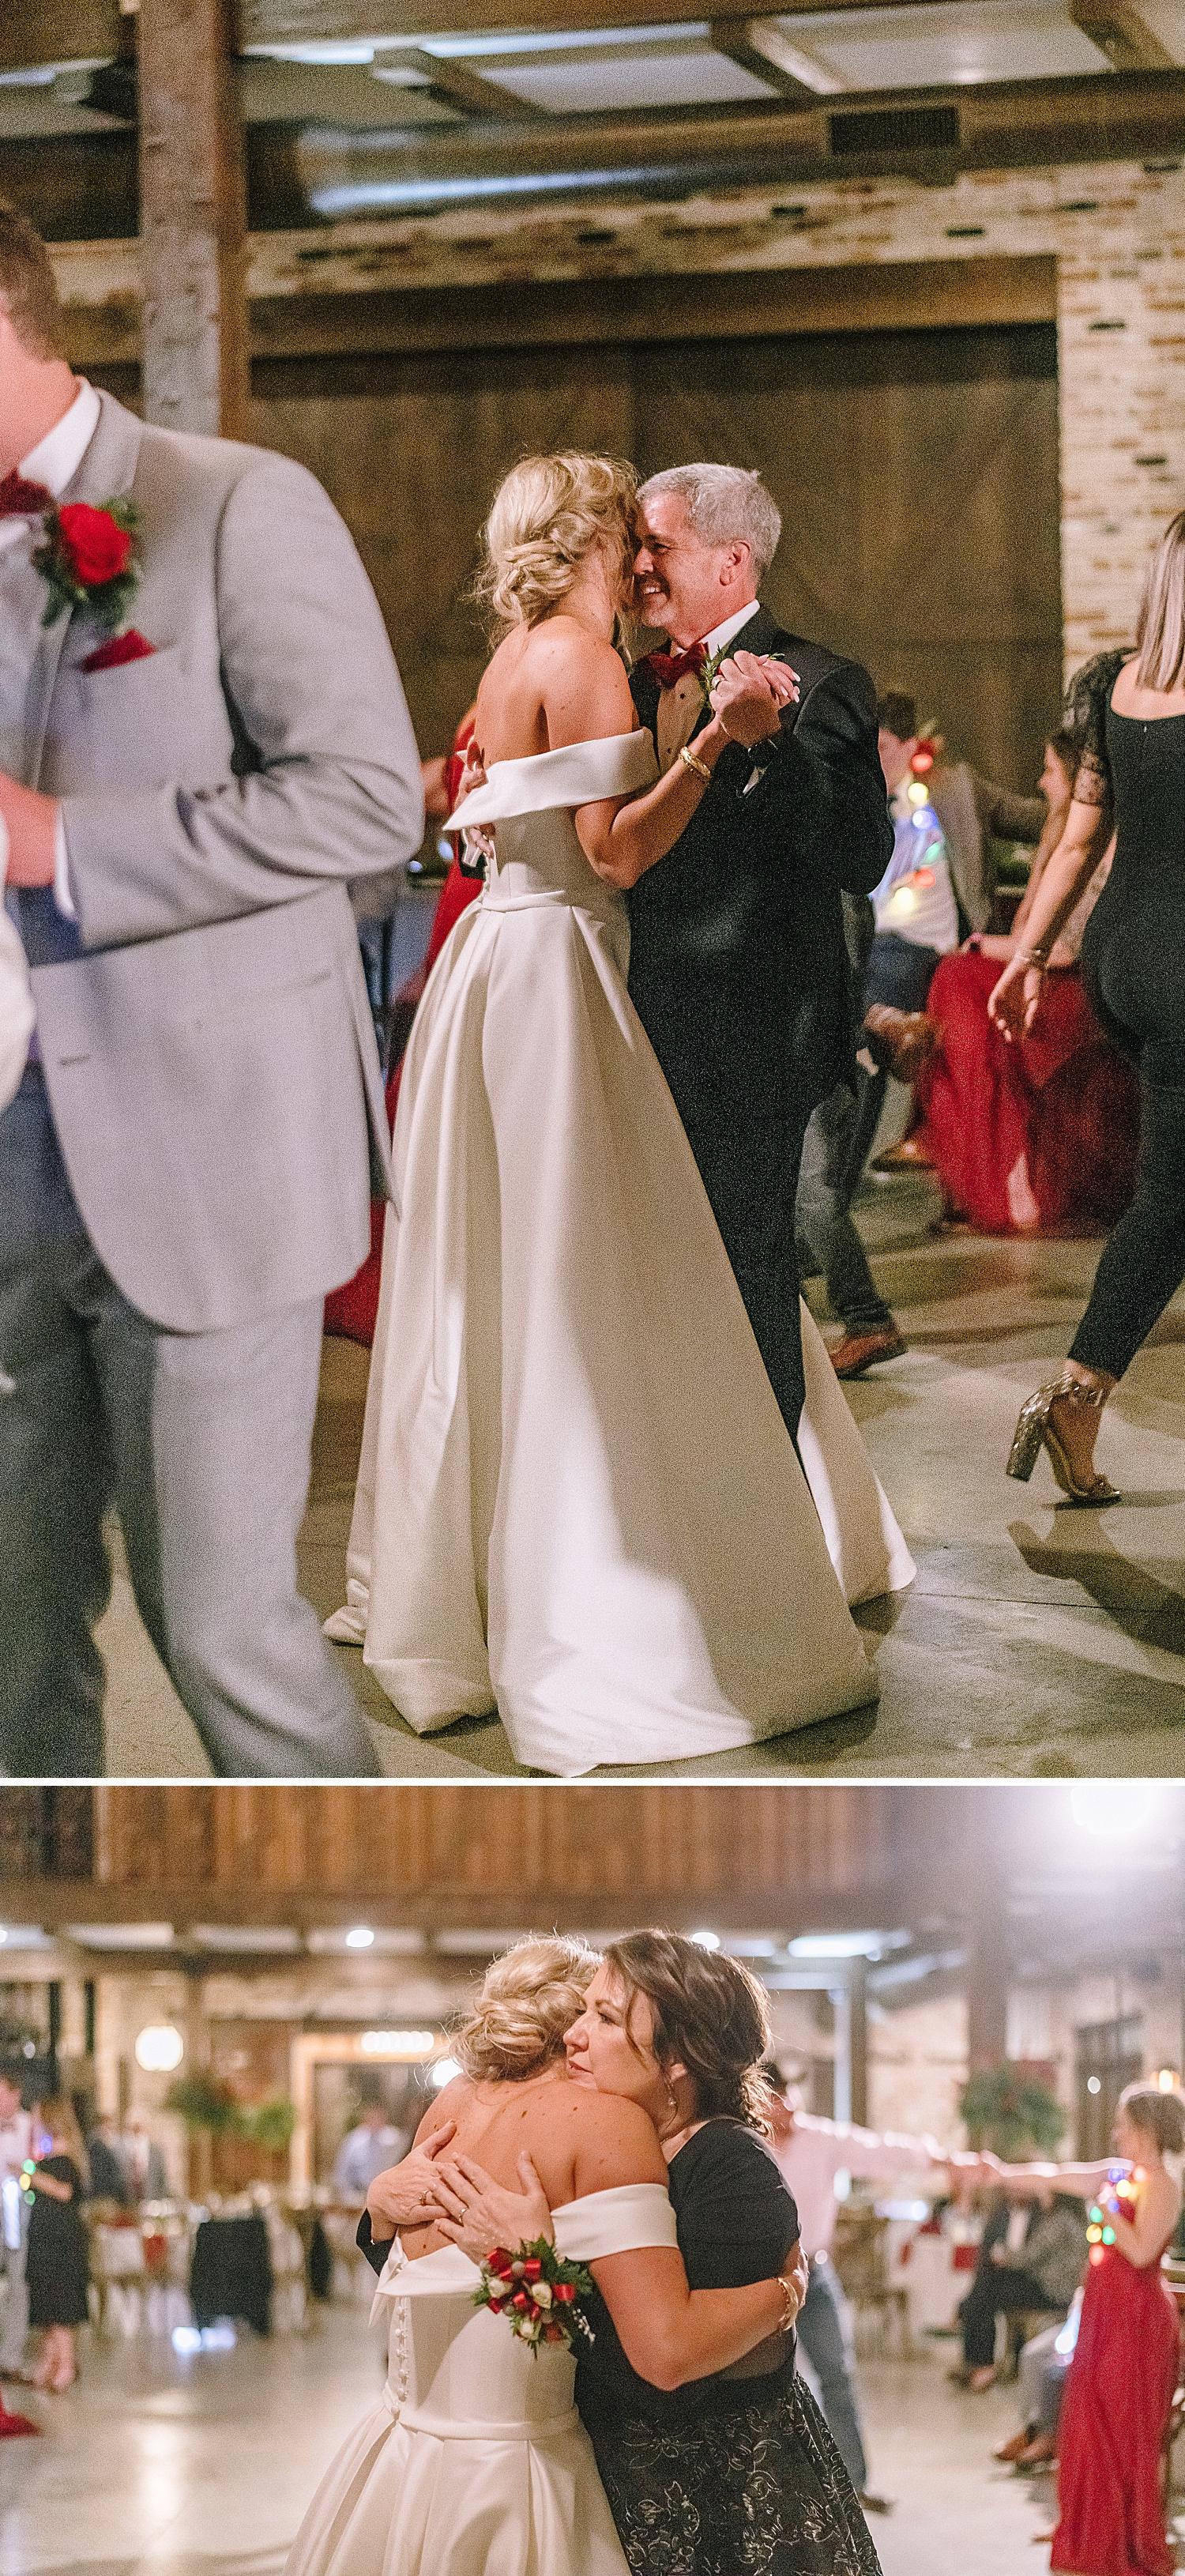 College-Station-Aggie-Wedding-The-Weinberg-at-Wixon-Valley-Christmas-Hallmark-Wedding_0133.jpg